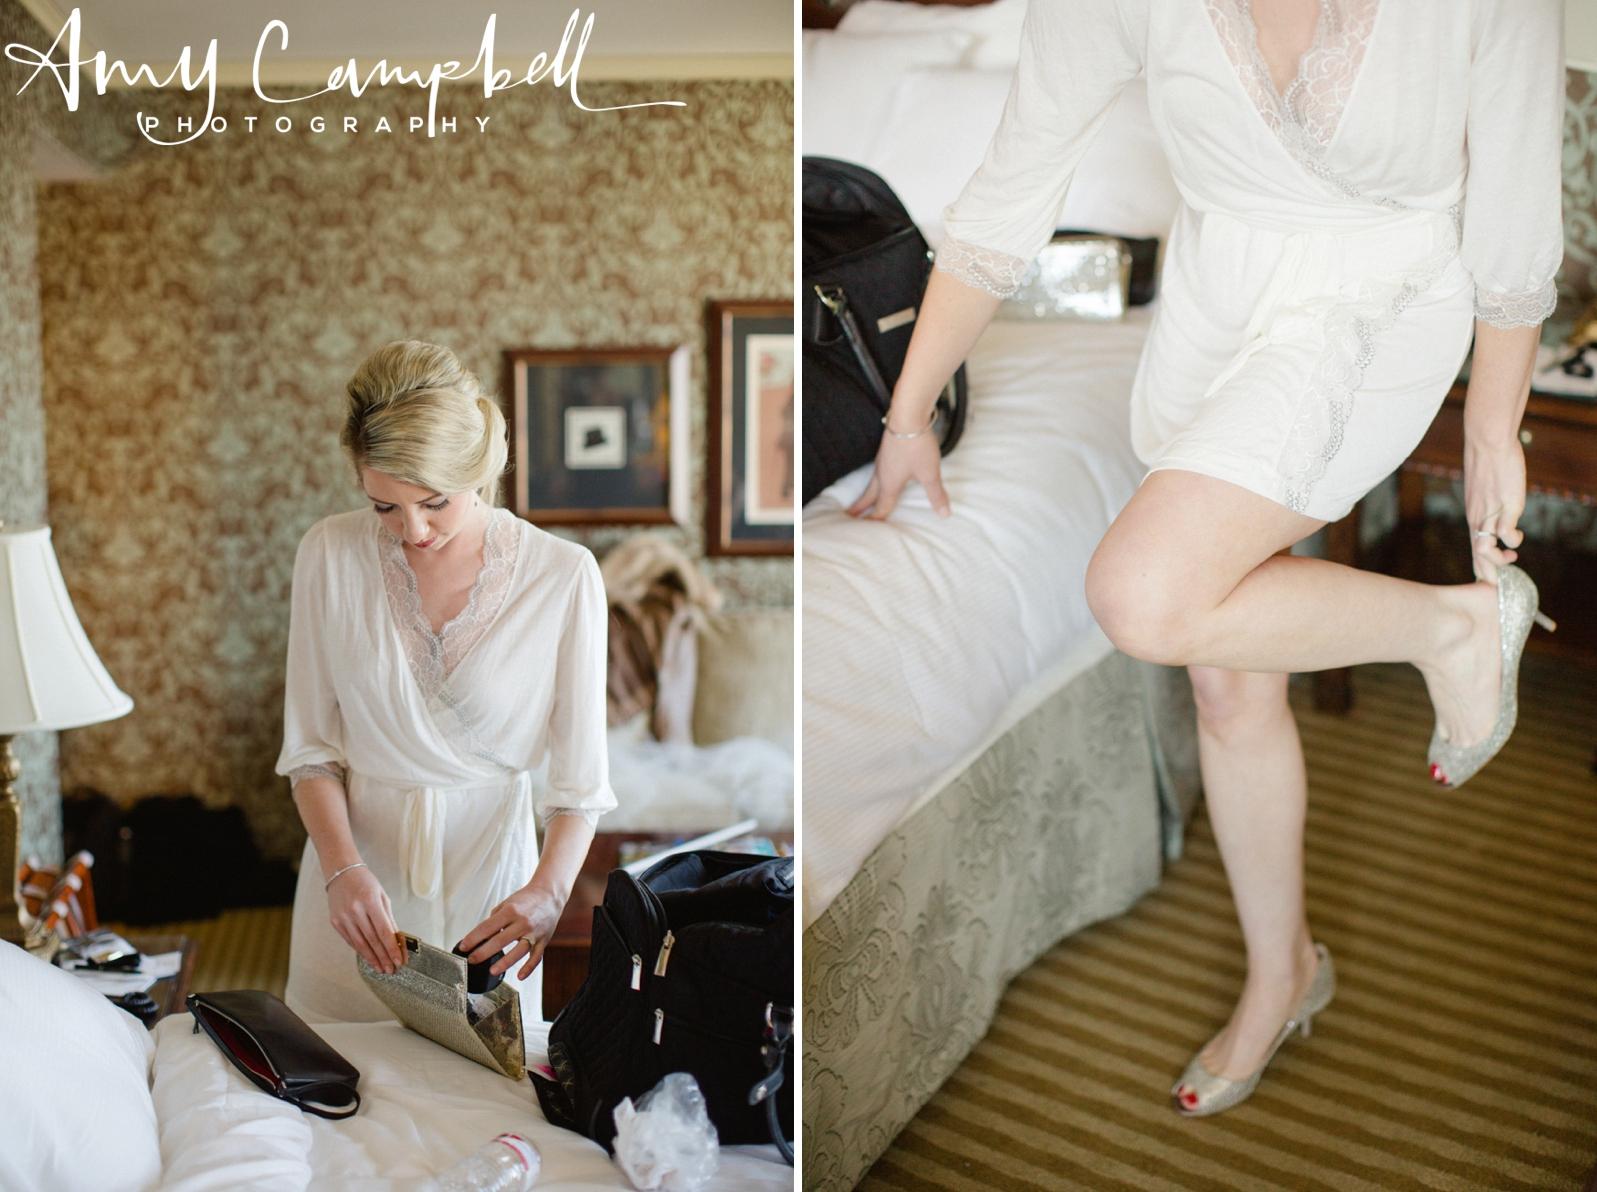 emmakyle_wedding_fb_amycampbellphotography_0006.jpg